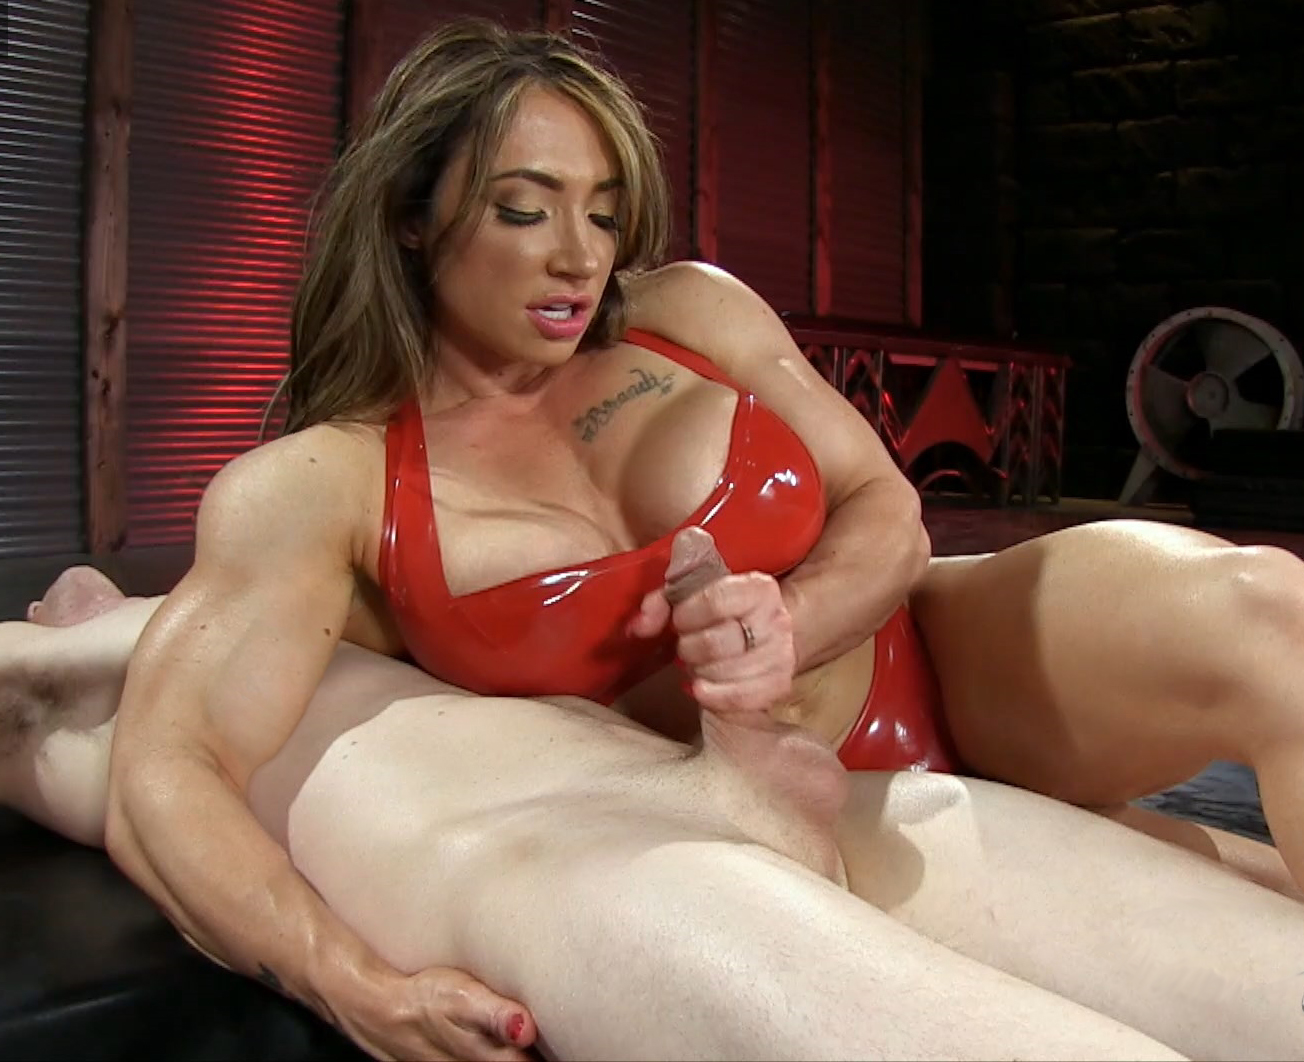 Фото порно мускулистых девушках, Голые культуристки на фото обнаженных девушек 20 фотография